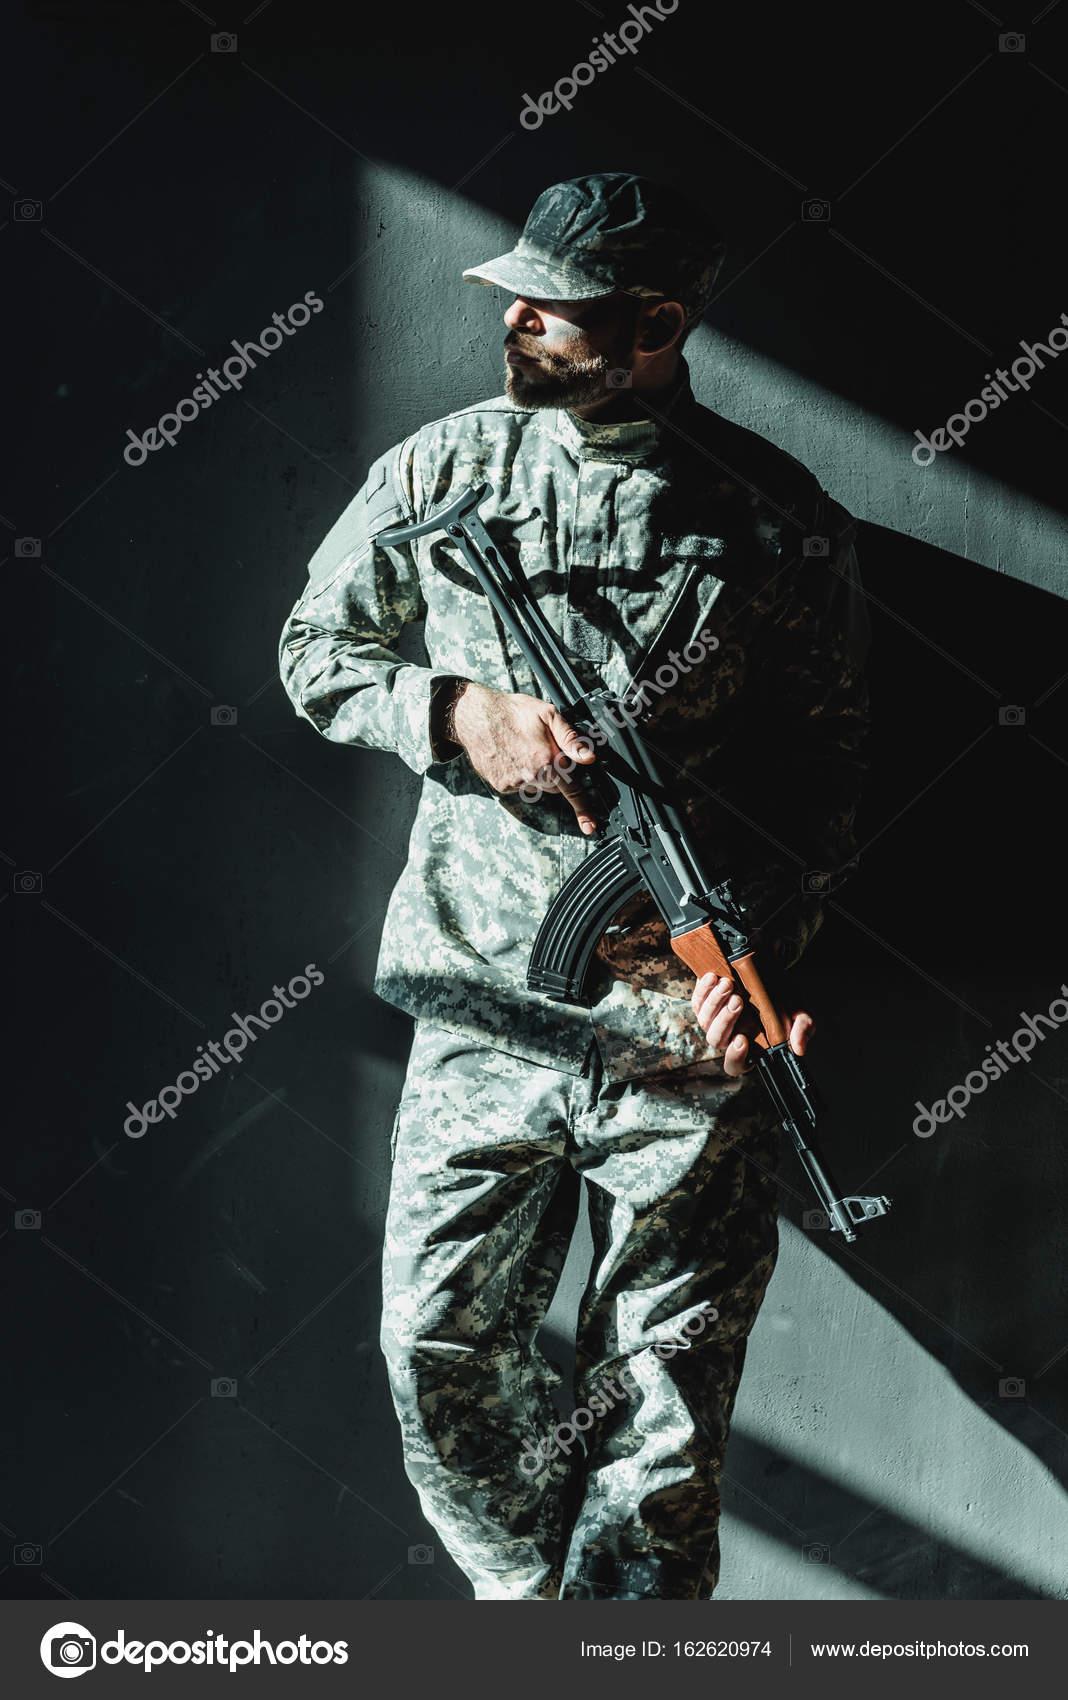 фото фанатов в военной форме получил более строгую